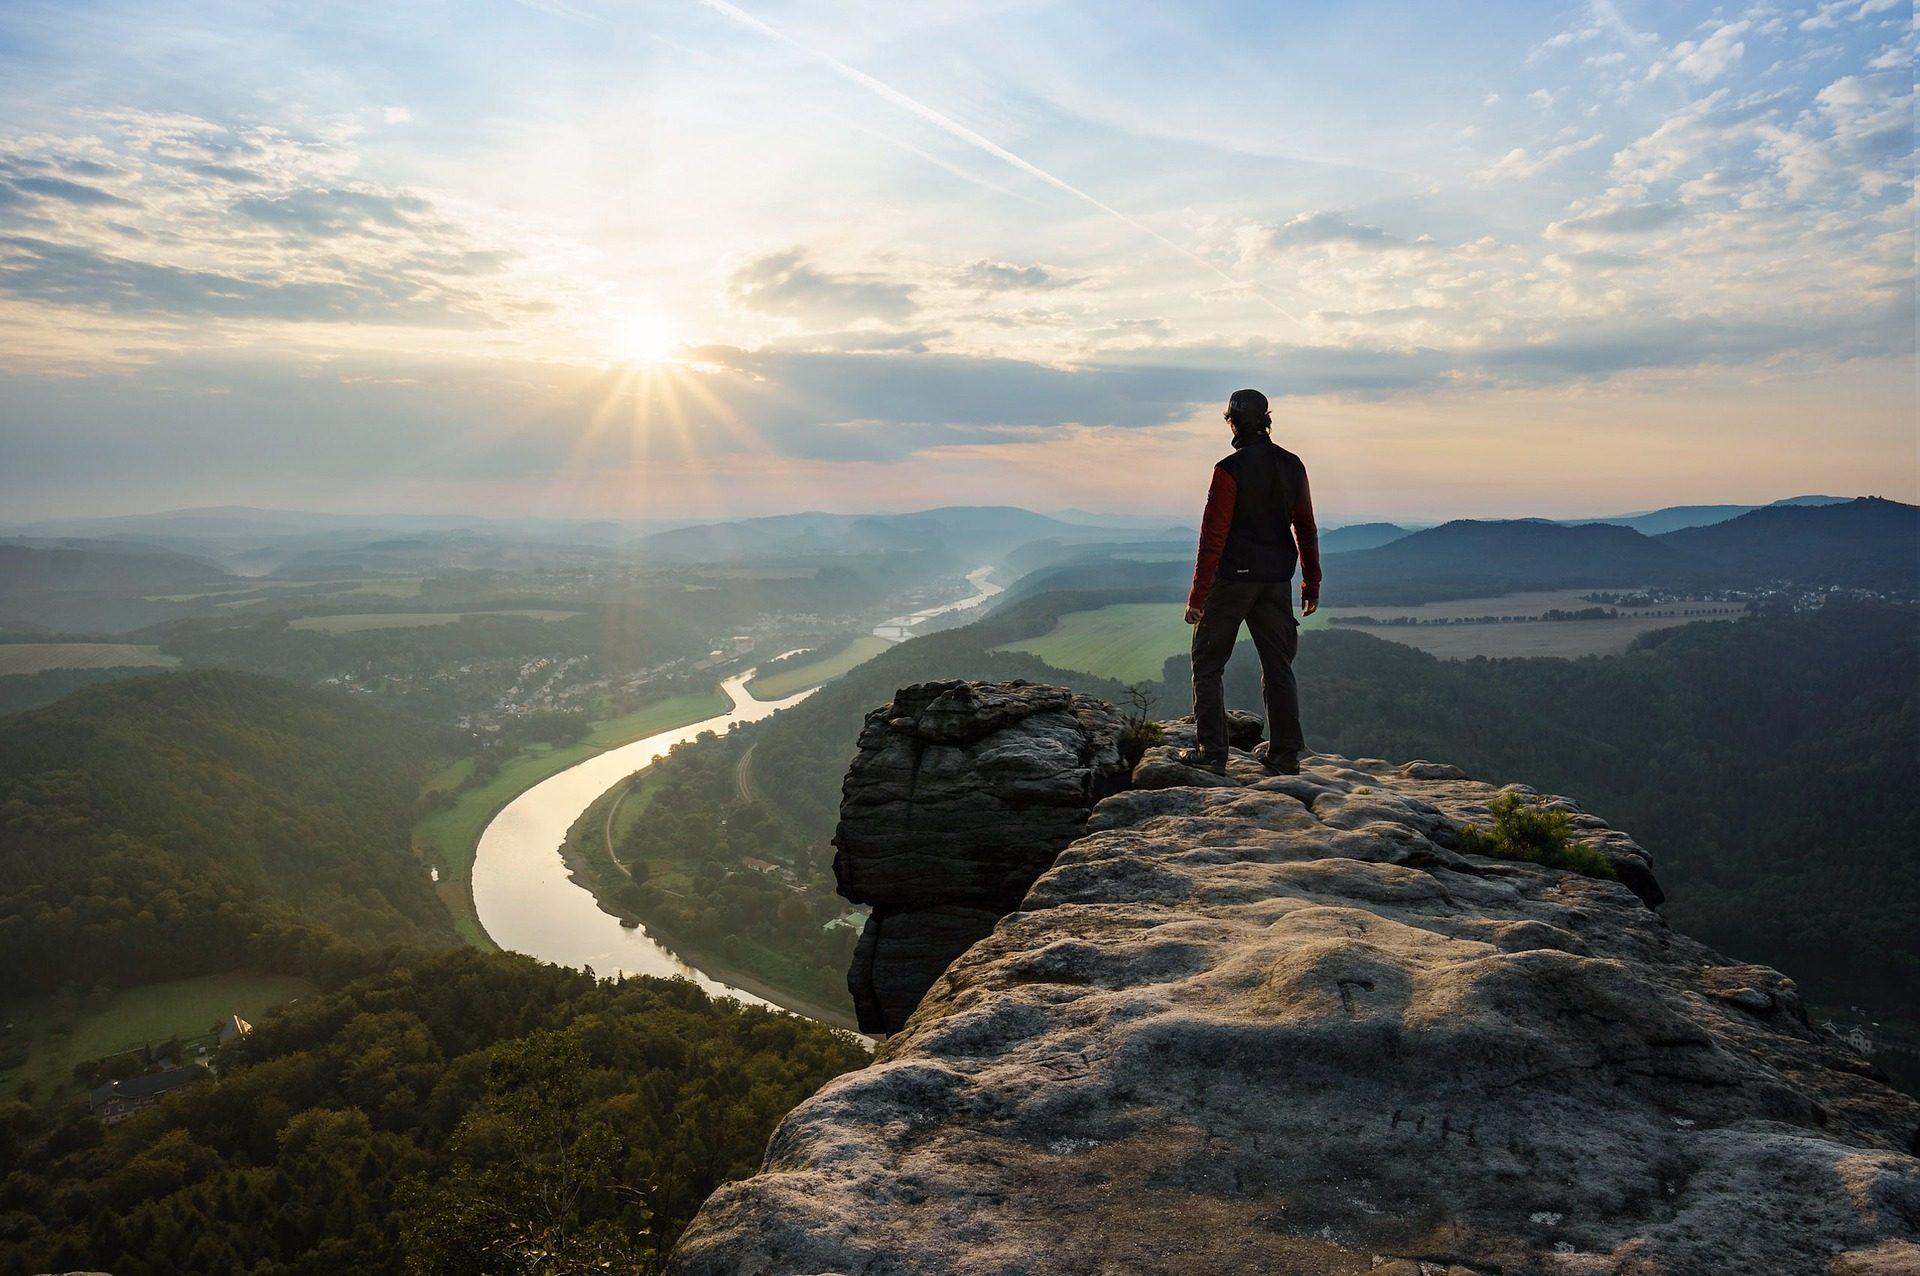 Mann, Peak, Nach oben, ausgehende, Höhe, Ansichten, Wolken, Sonne - Wallpaper HD - Prof.-falken.com